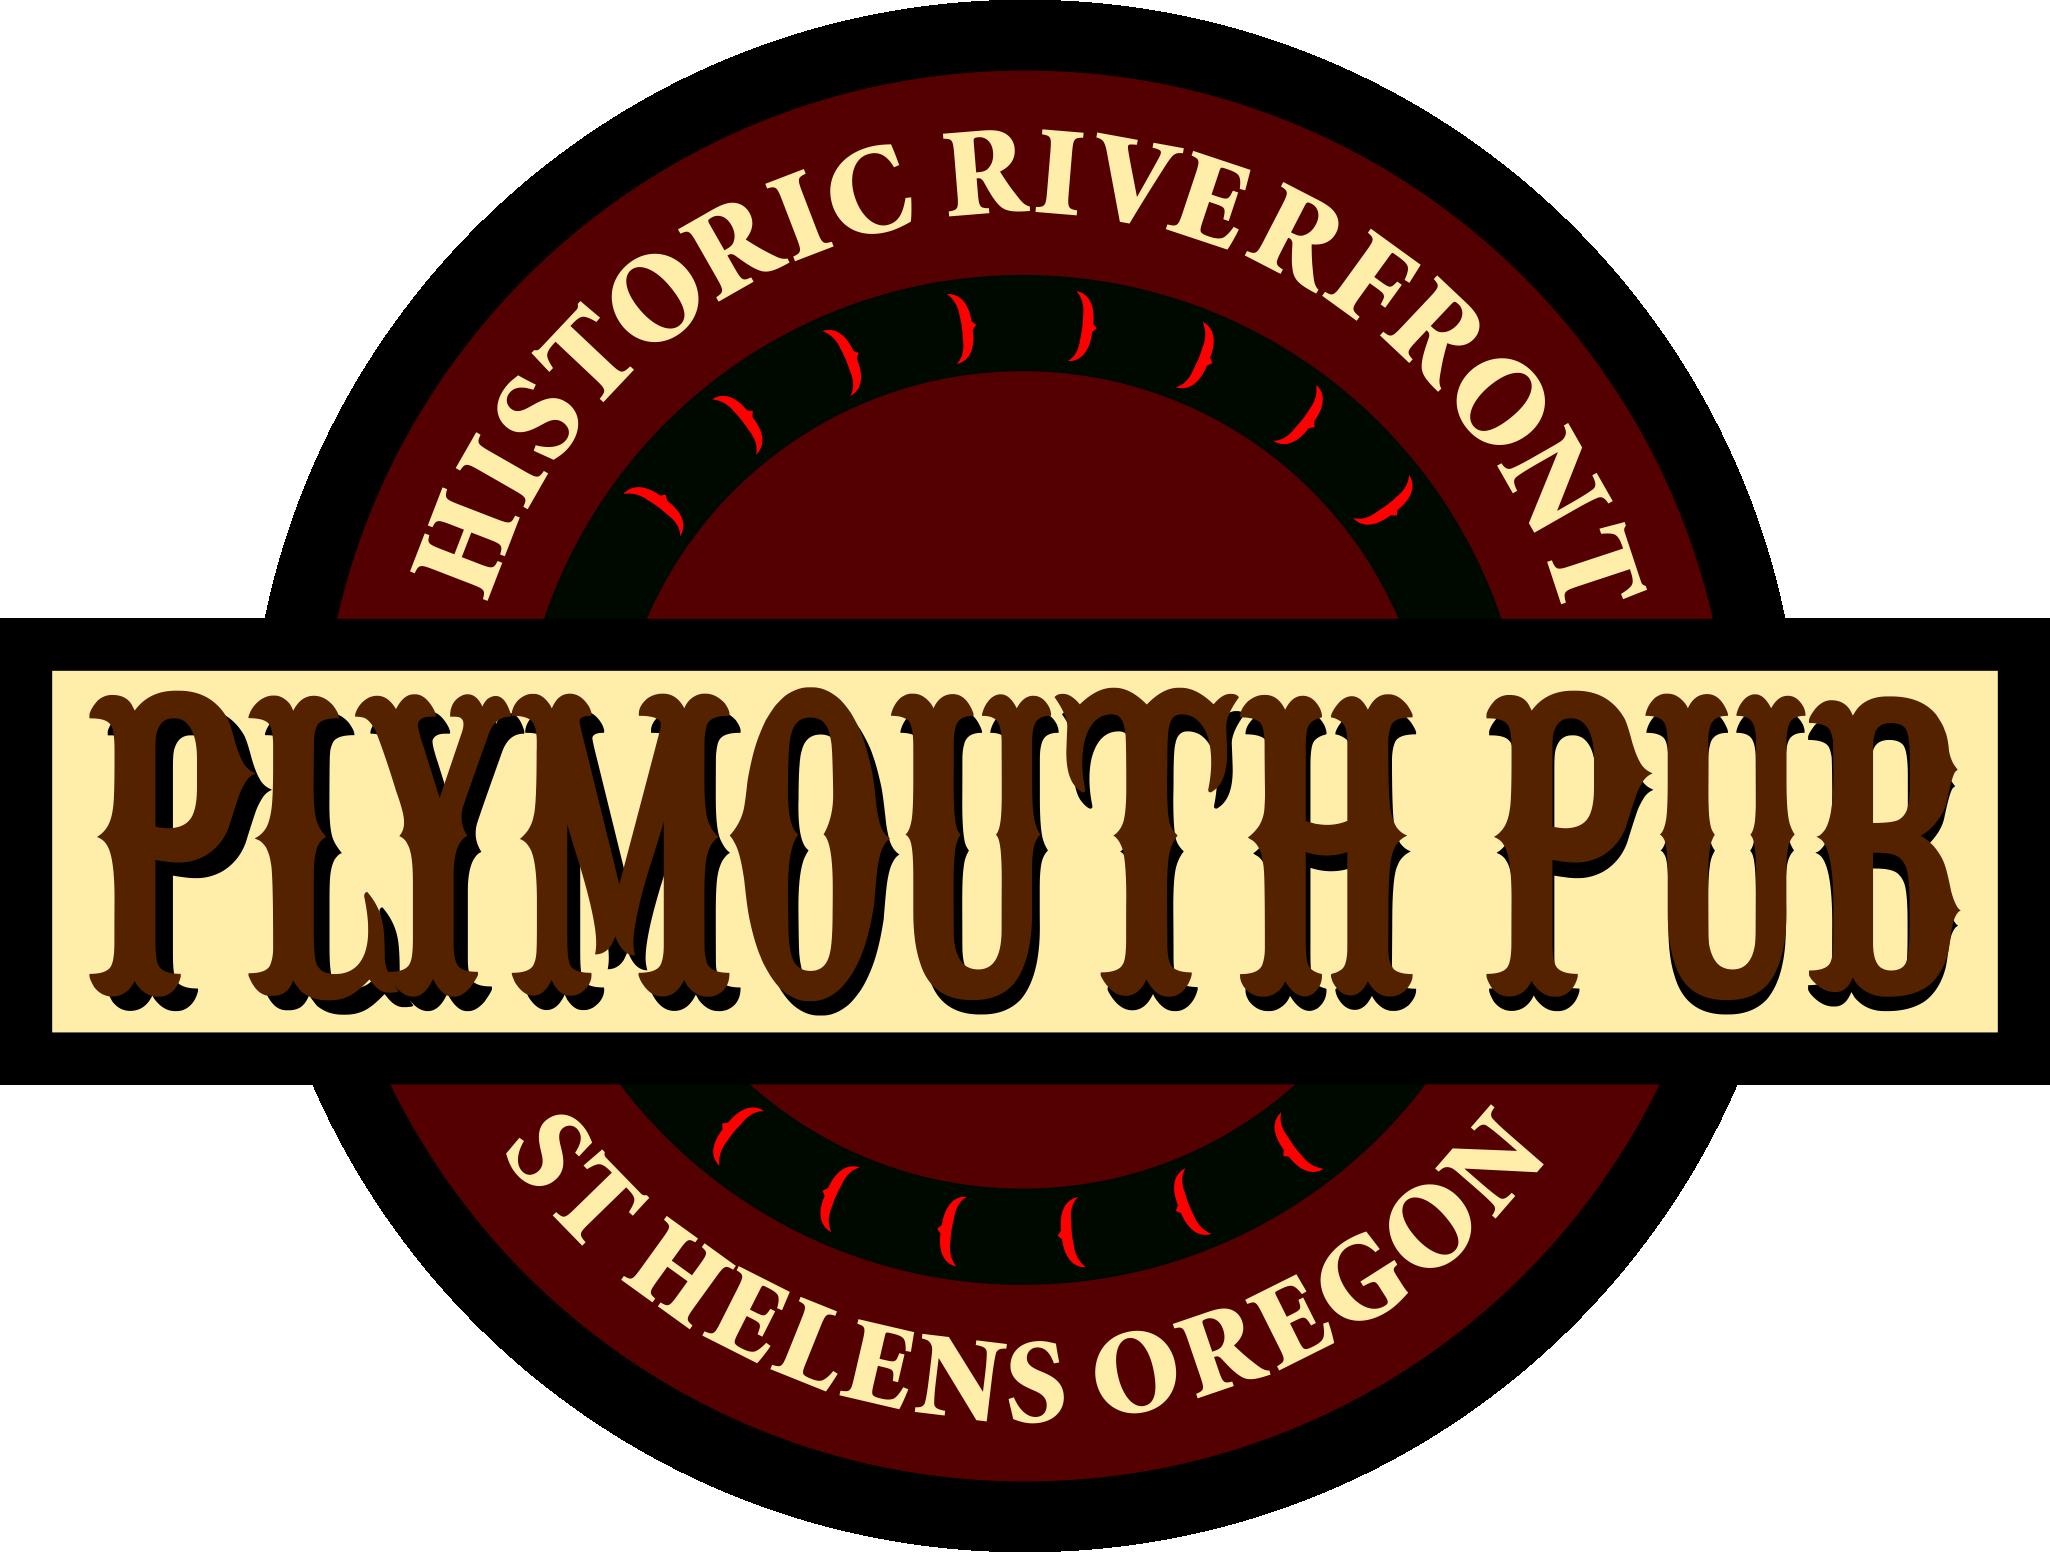 Plymouth Pub logo